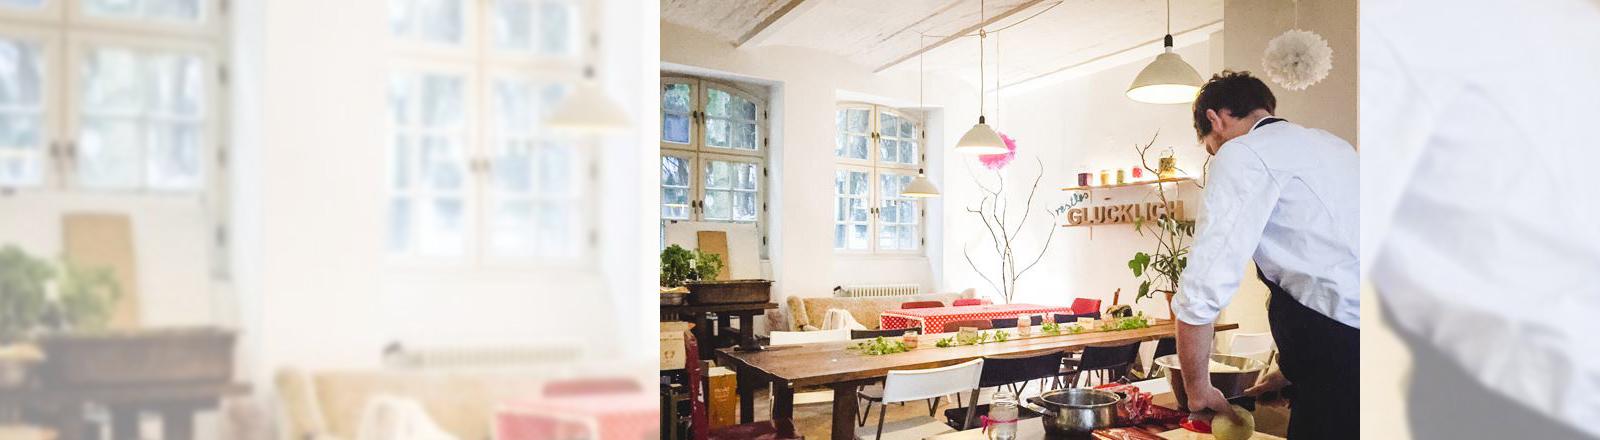 Das Restaurant Restlos glücklich in Berlin kocht aus Lebensmittelresten Menüs.